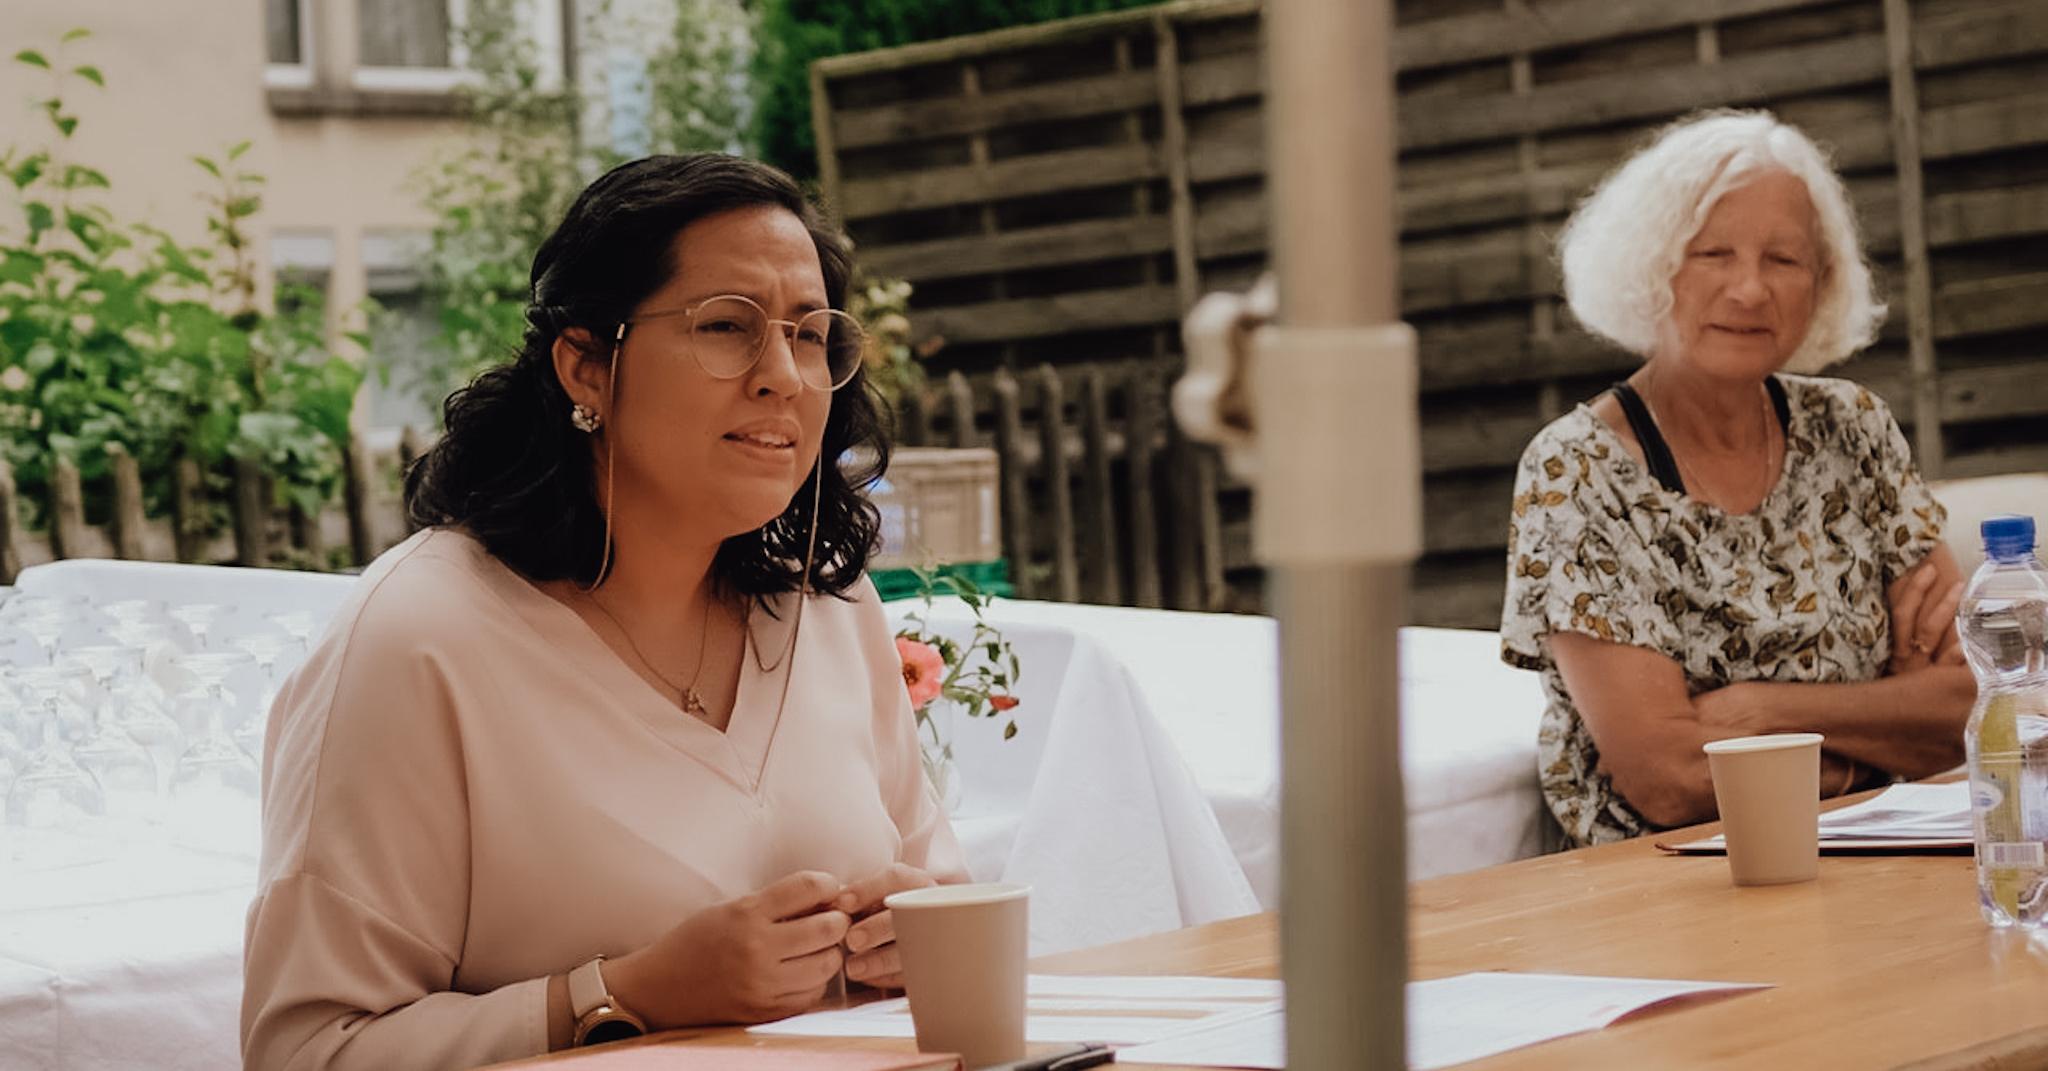 Ana Paredes im Solihaus St. Gallen über Sprache als Kernkompetenz in der Integration